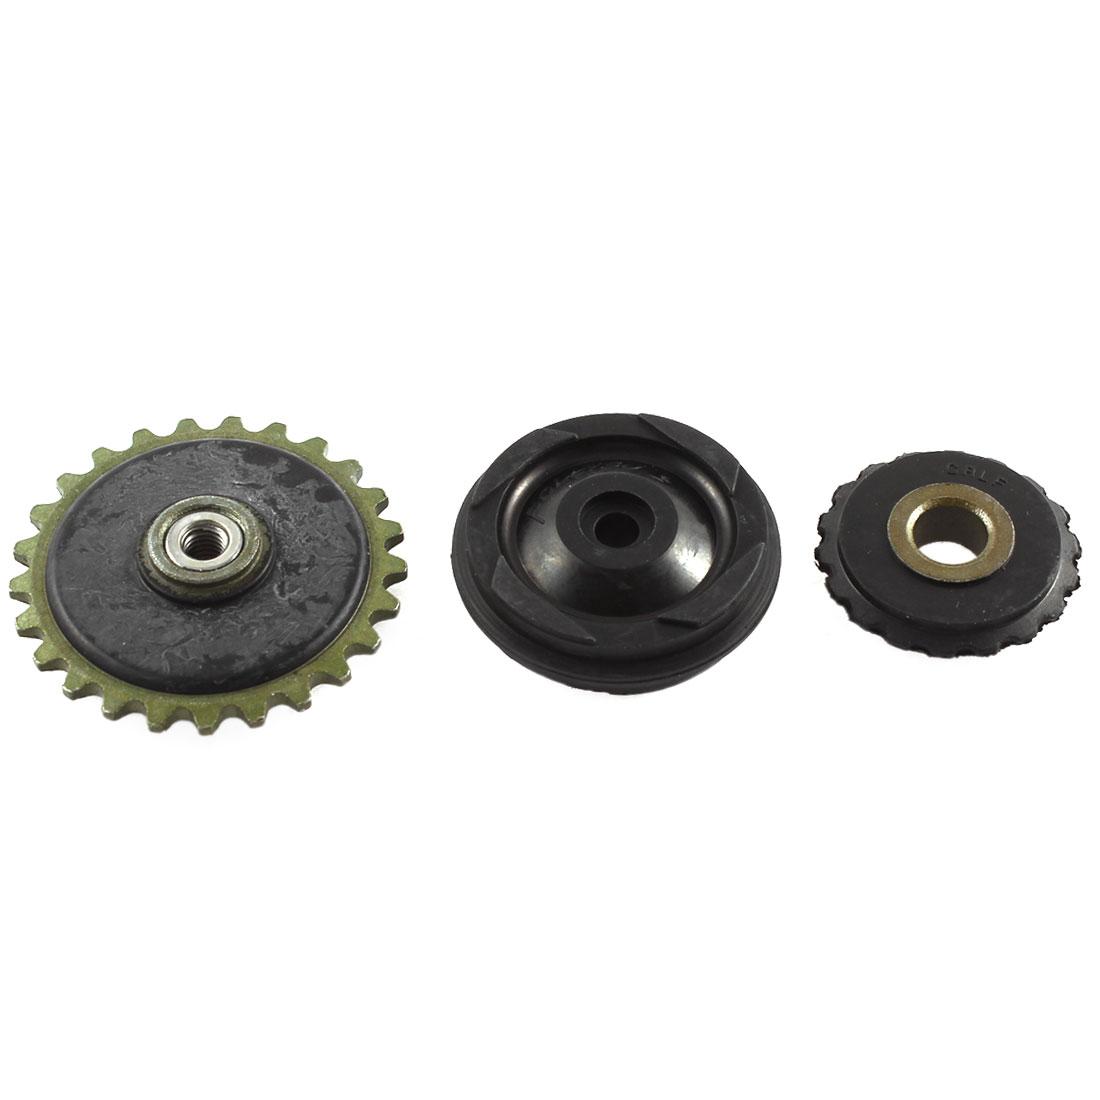 Guide Pulley Oil Pump Gear Tensioner Engine Belt Set for Motorbike 70 100 110